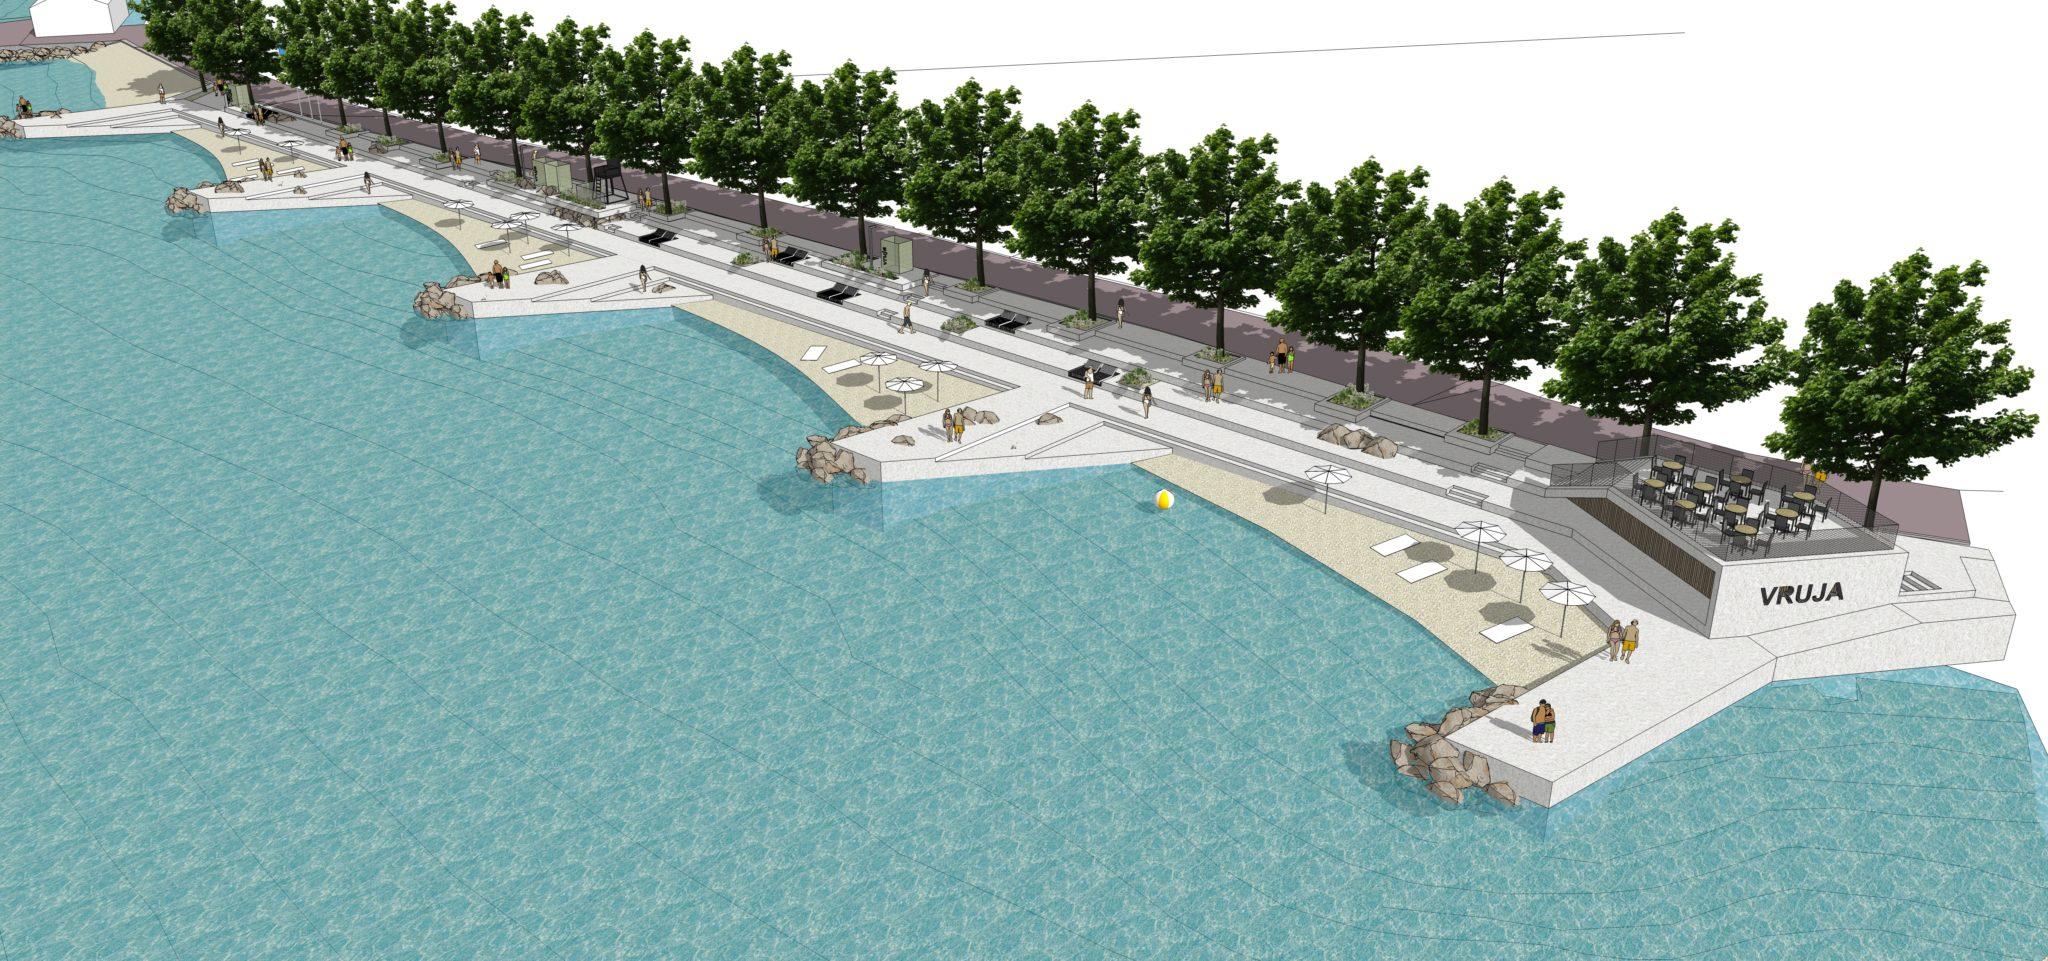 Predstavljen projekt uređenja plaže Vruja